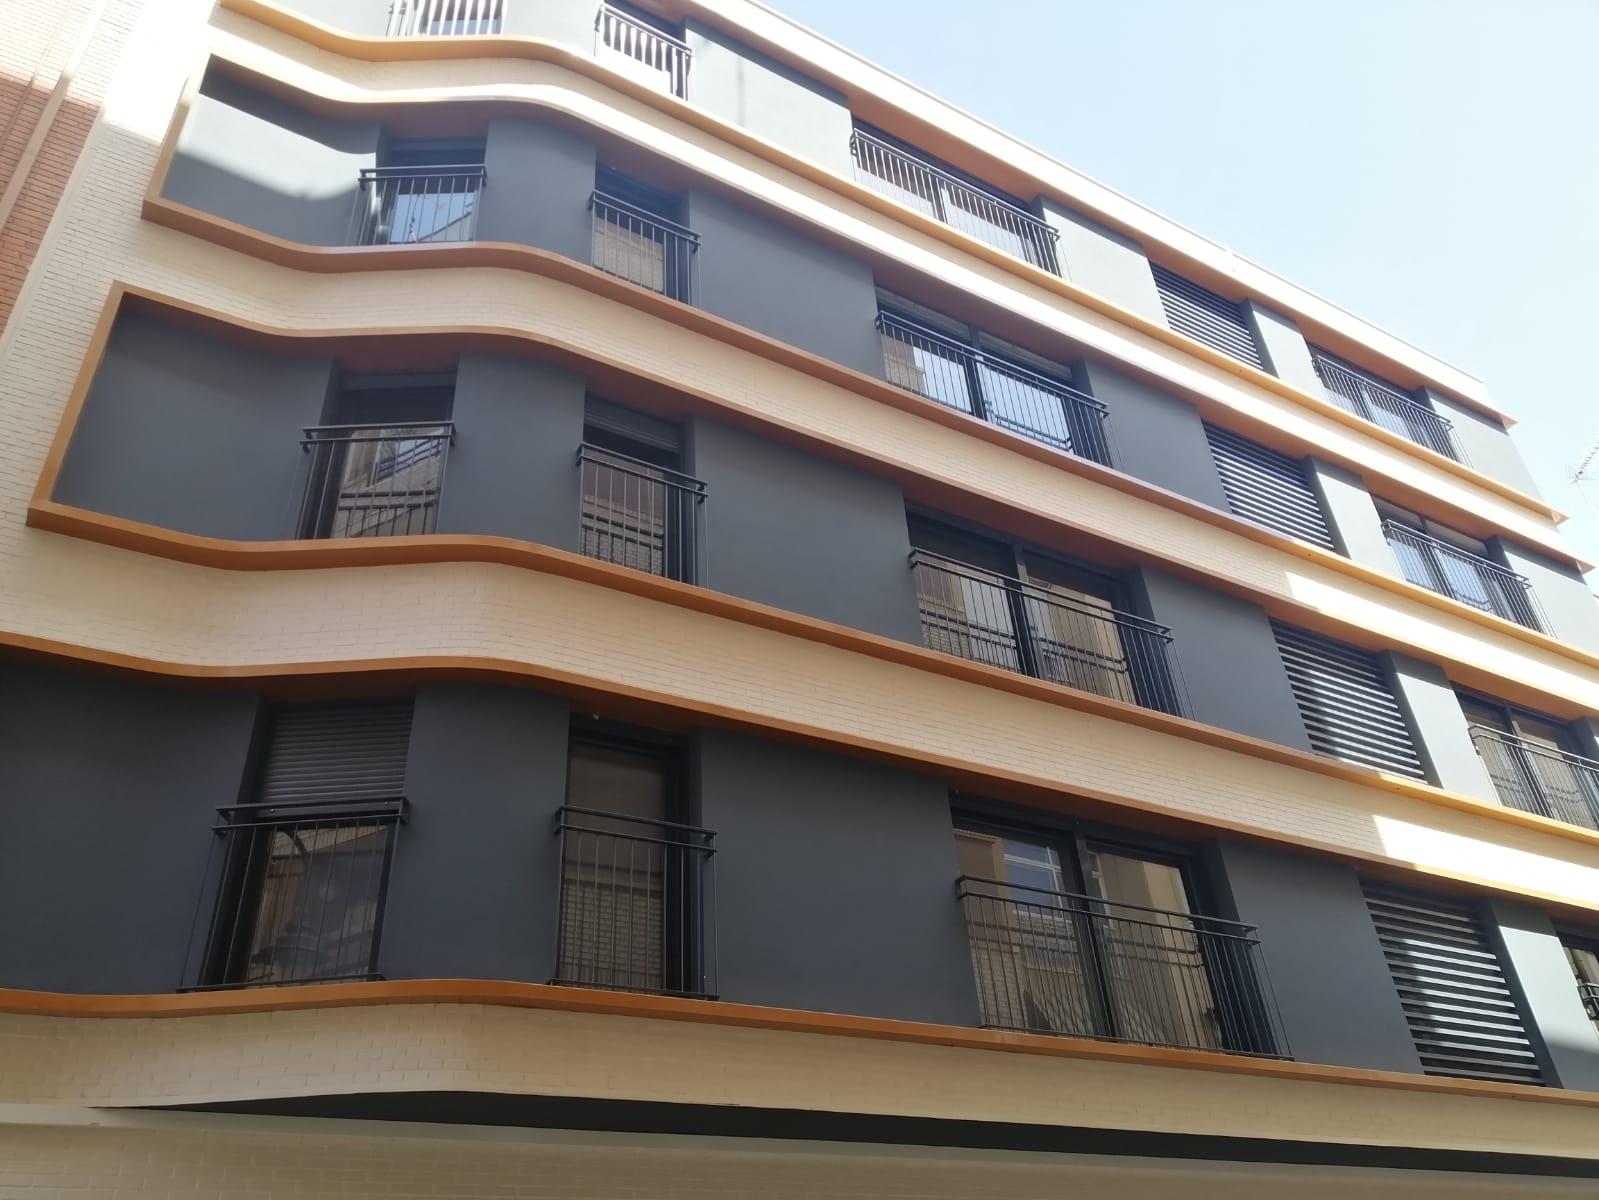 Edificio Jose Mouliaa